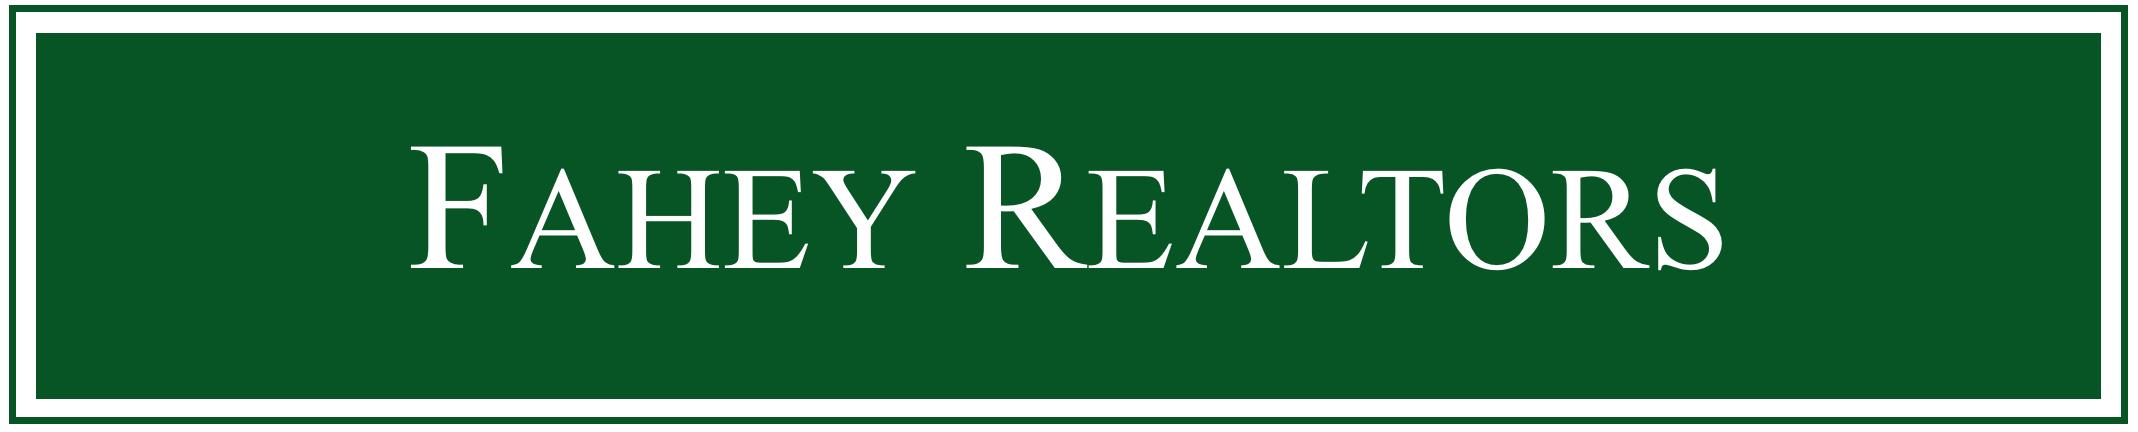 Fahey Realtors